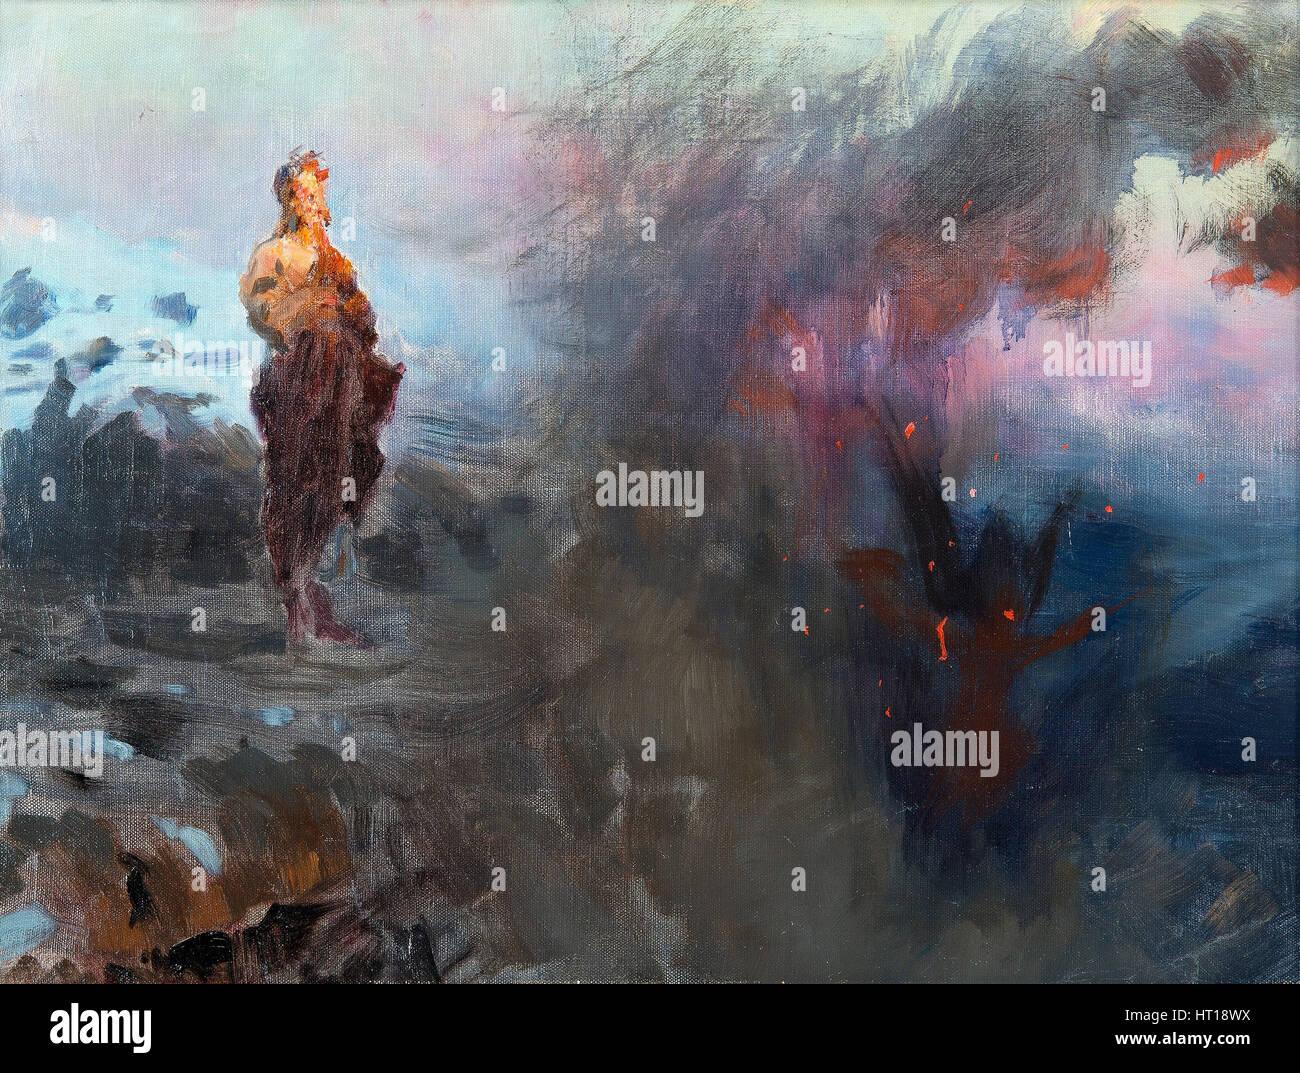 La tentazione di Cristo. Artista: Repin, Ilya Yefimovich (1844-1930) Immagini Stock